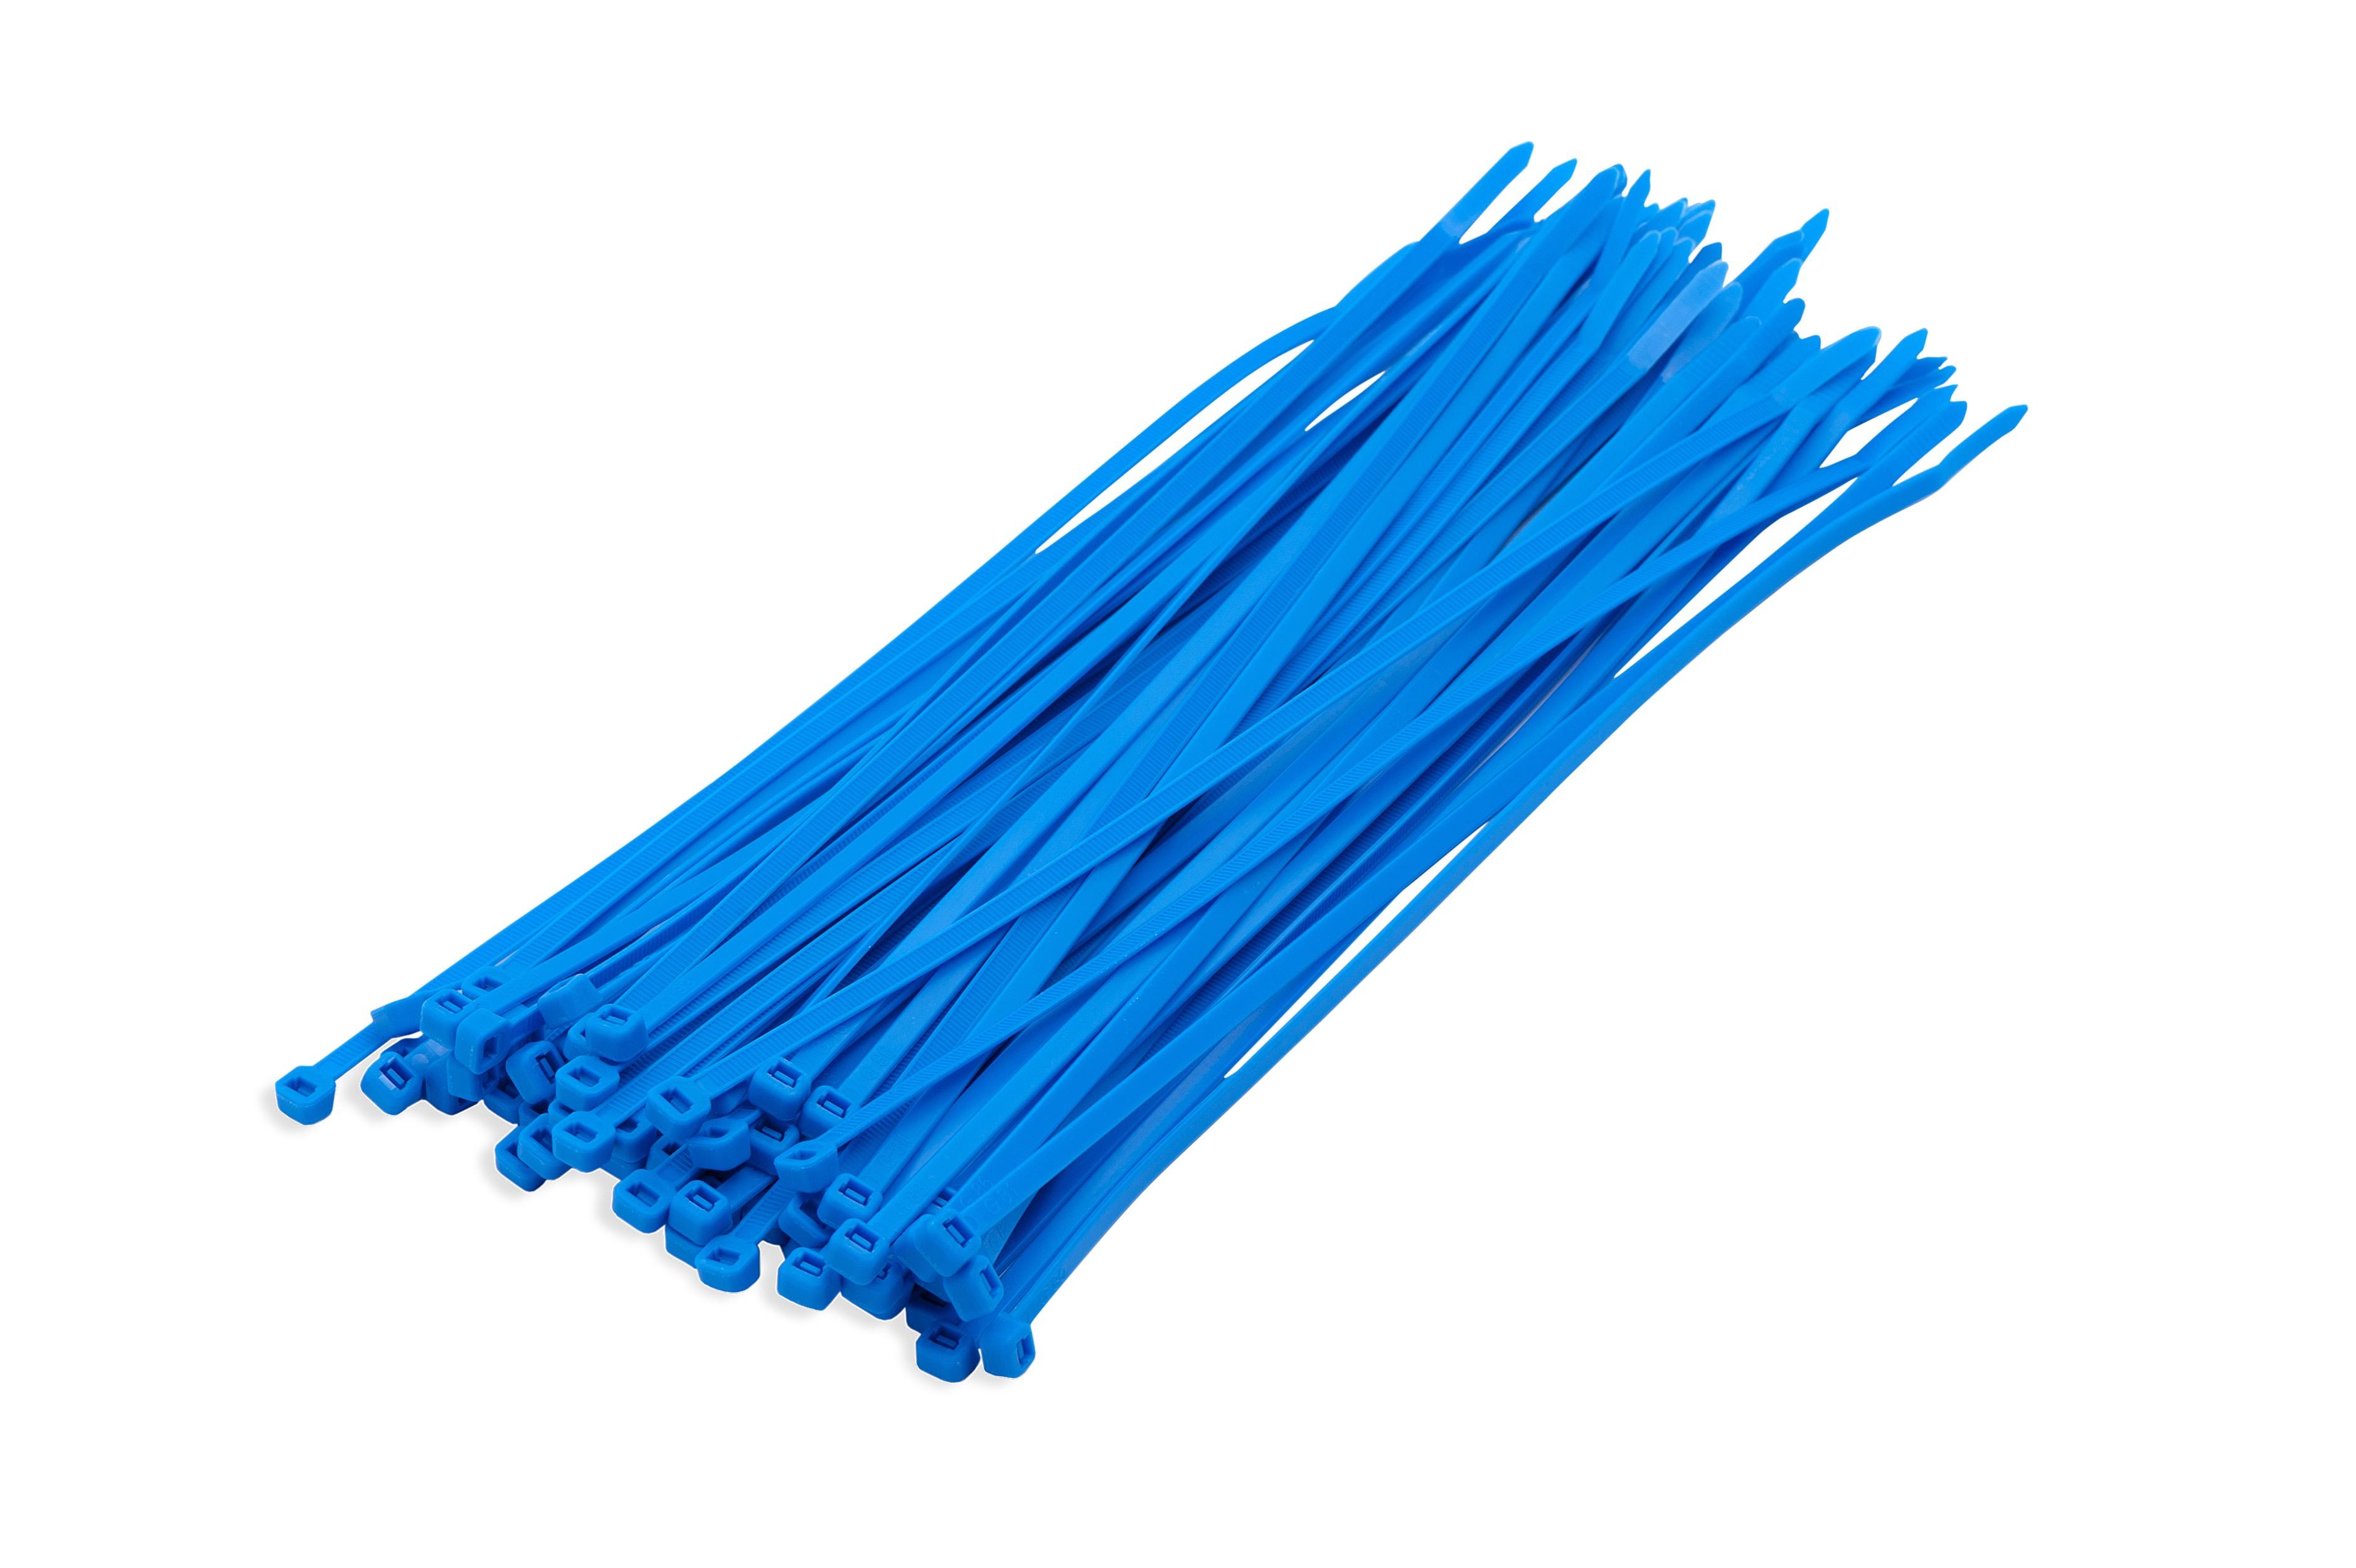 Kabelbinders blauw 3,6 x 200 mm 100 stuks